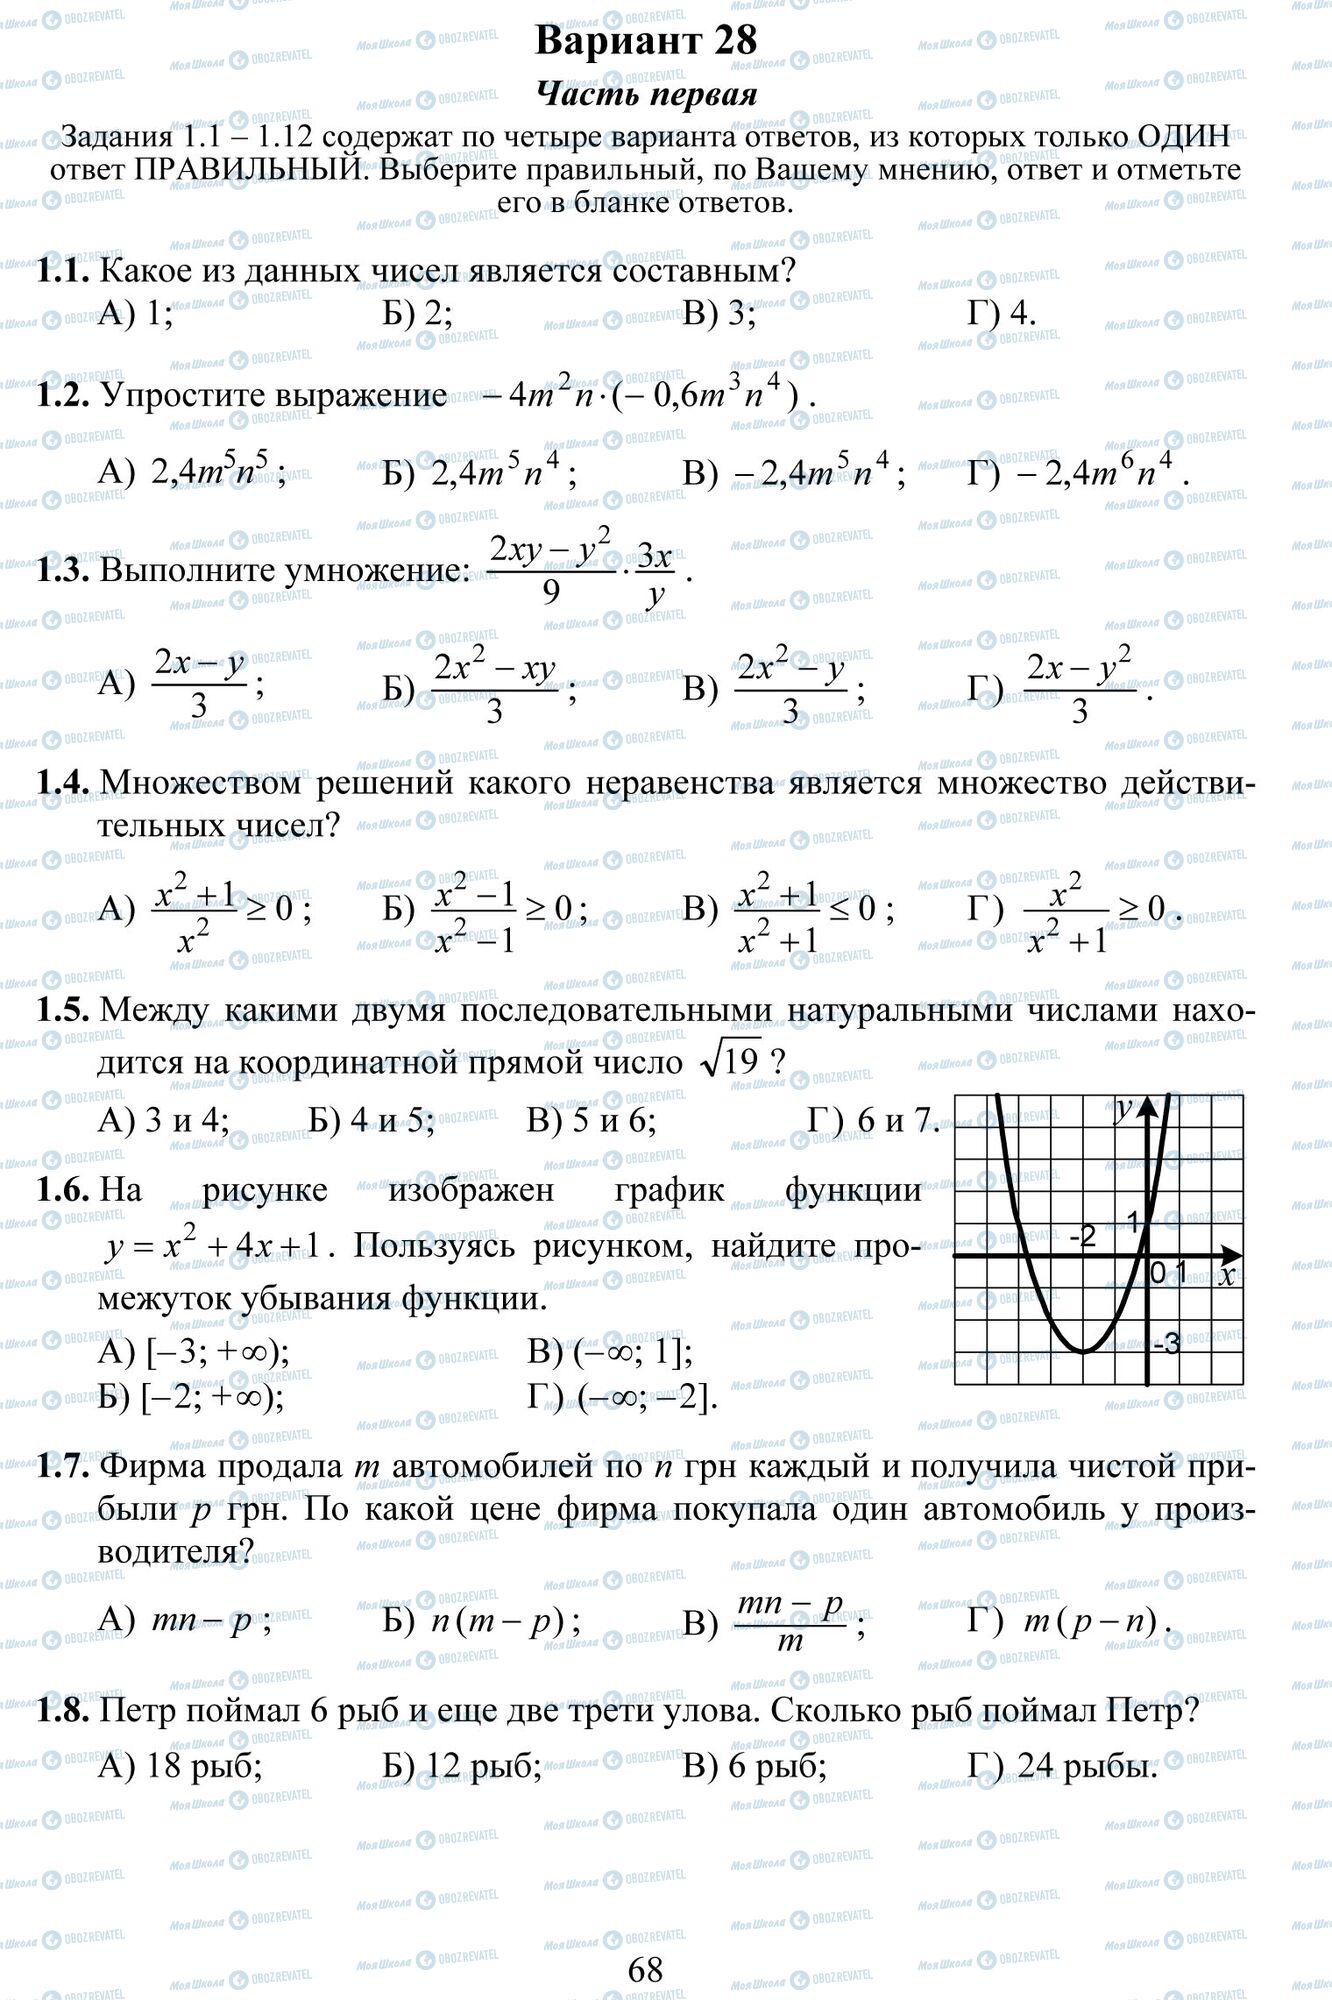 ДПА Математика 9 класс страница 1-8